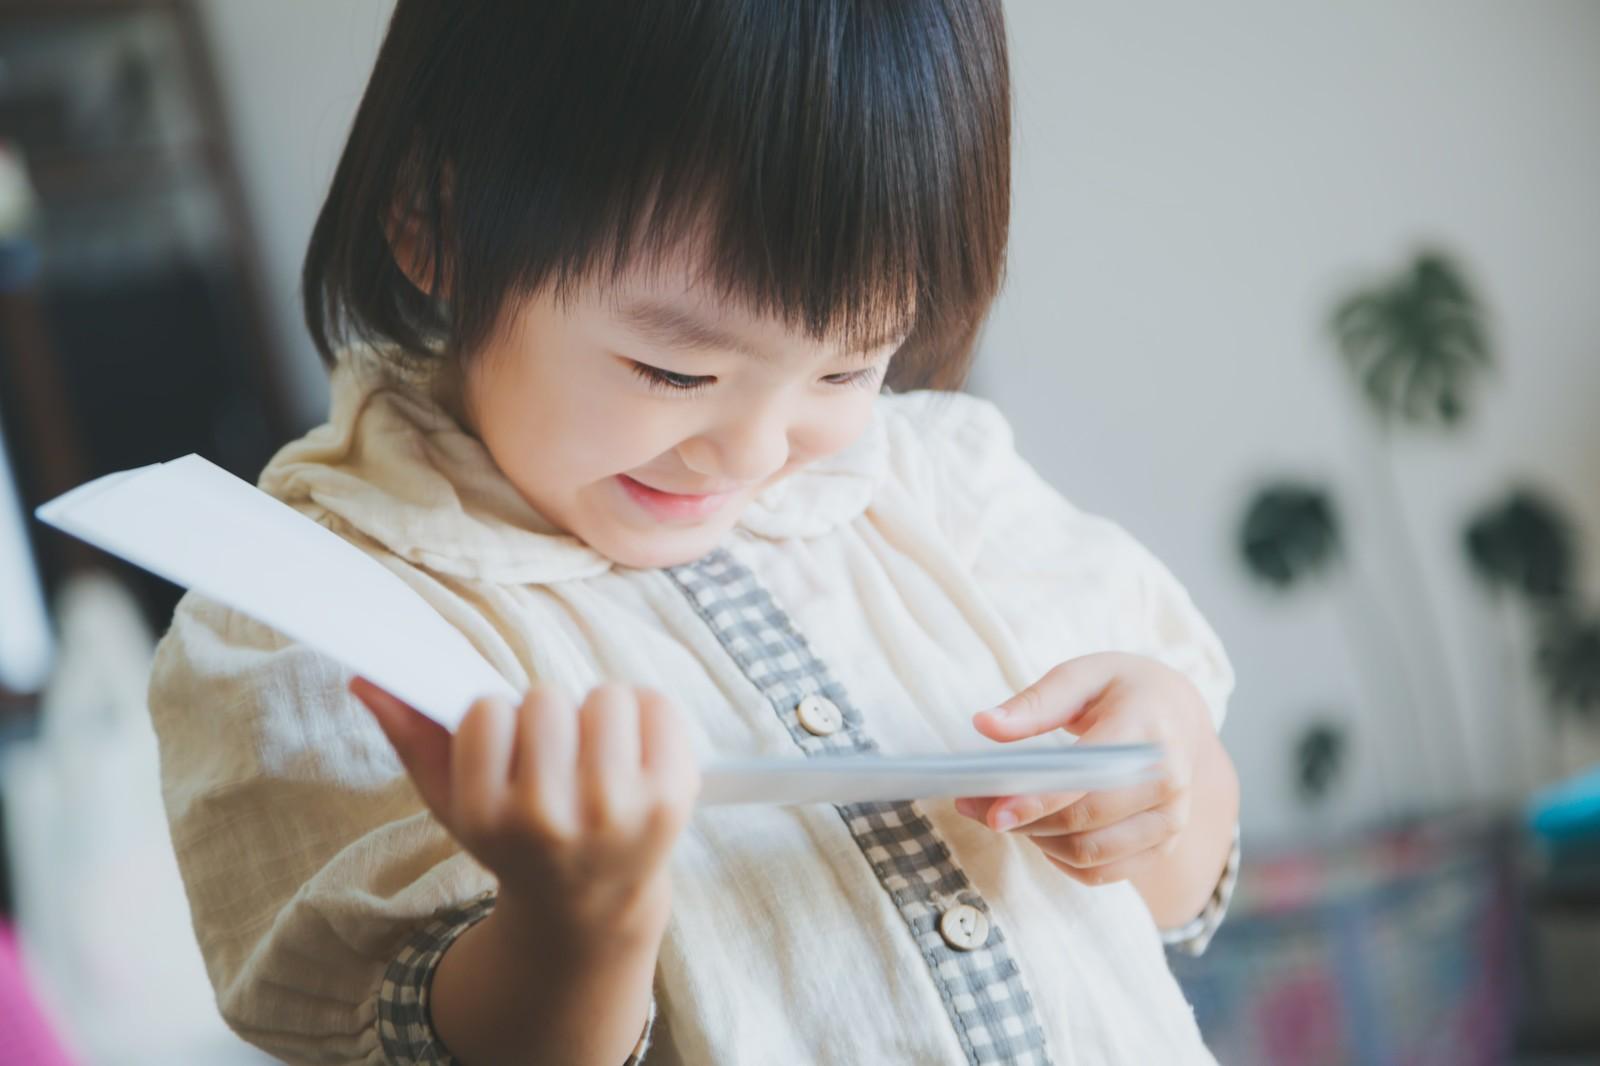 2歳におすすめの絵本10選!元保育士がランキング形式でご紹介